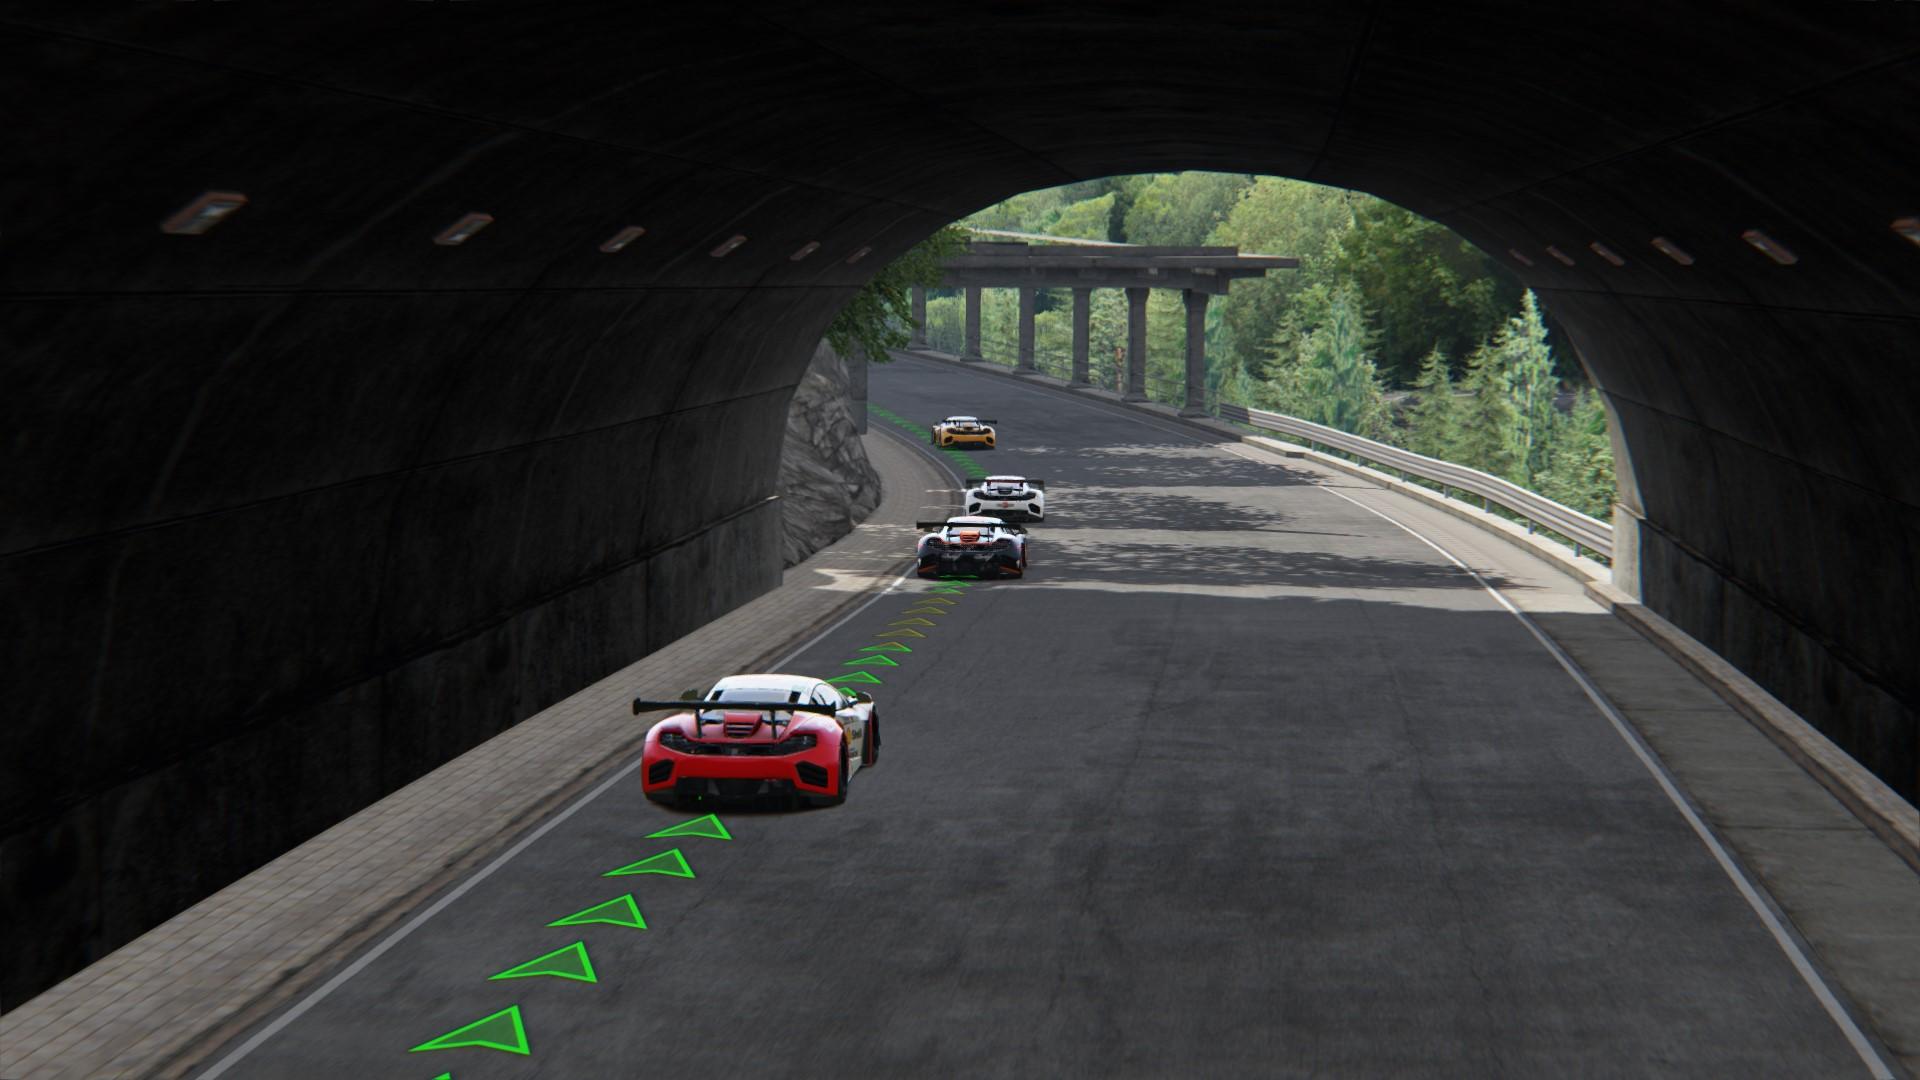 Screenshot_mclaren_mp412c_gt3_deepforest_raceway_1-6-120-22-33-14.jpg